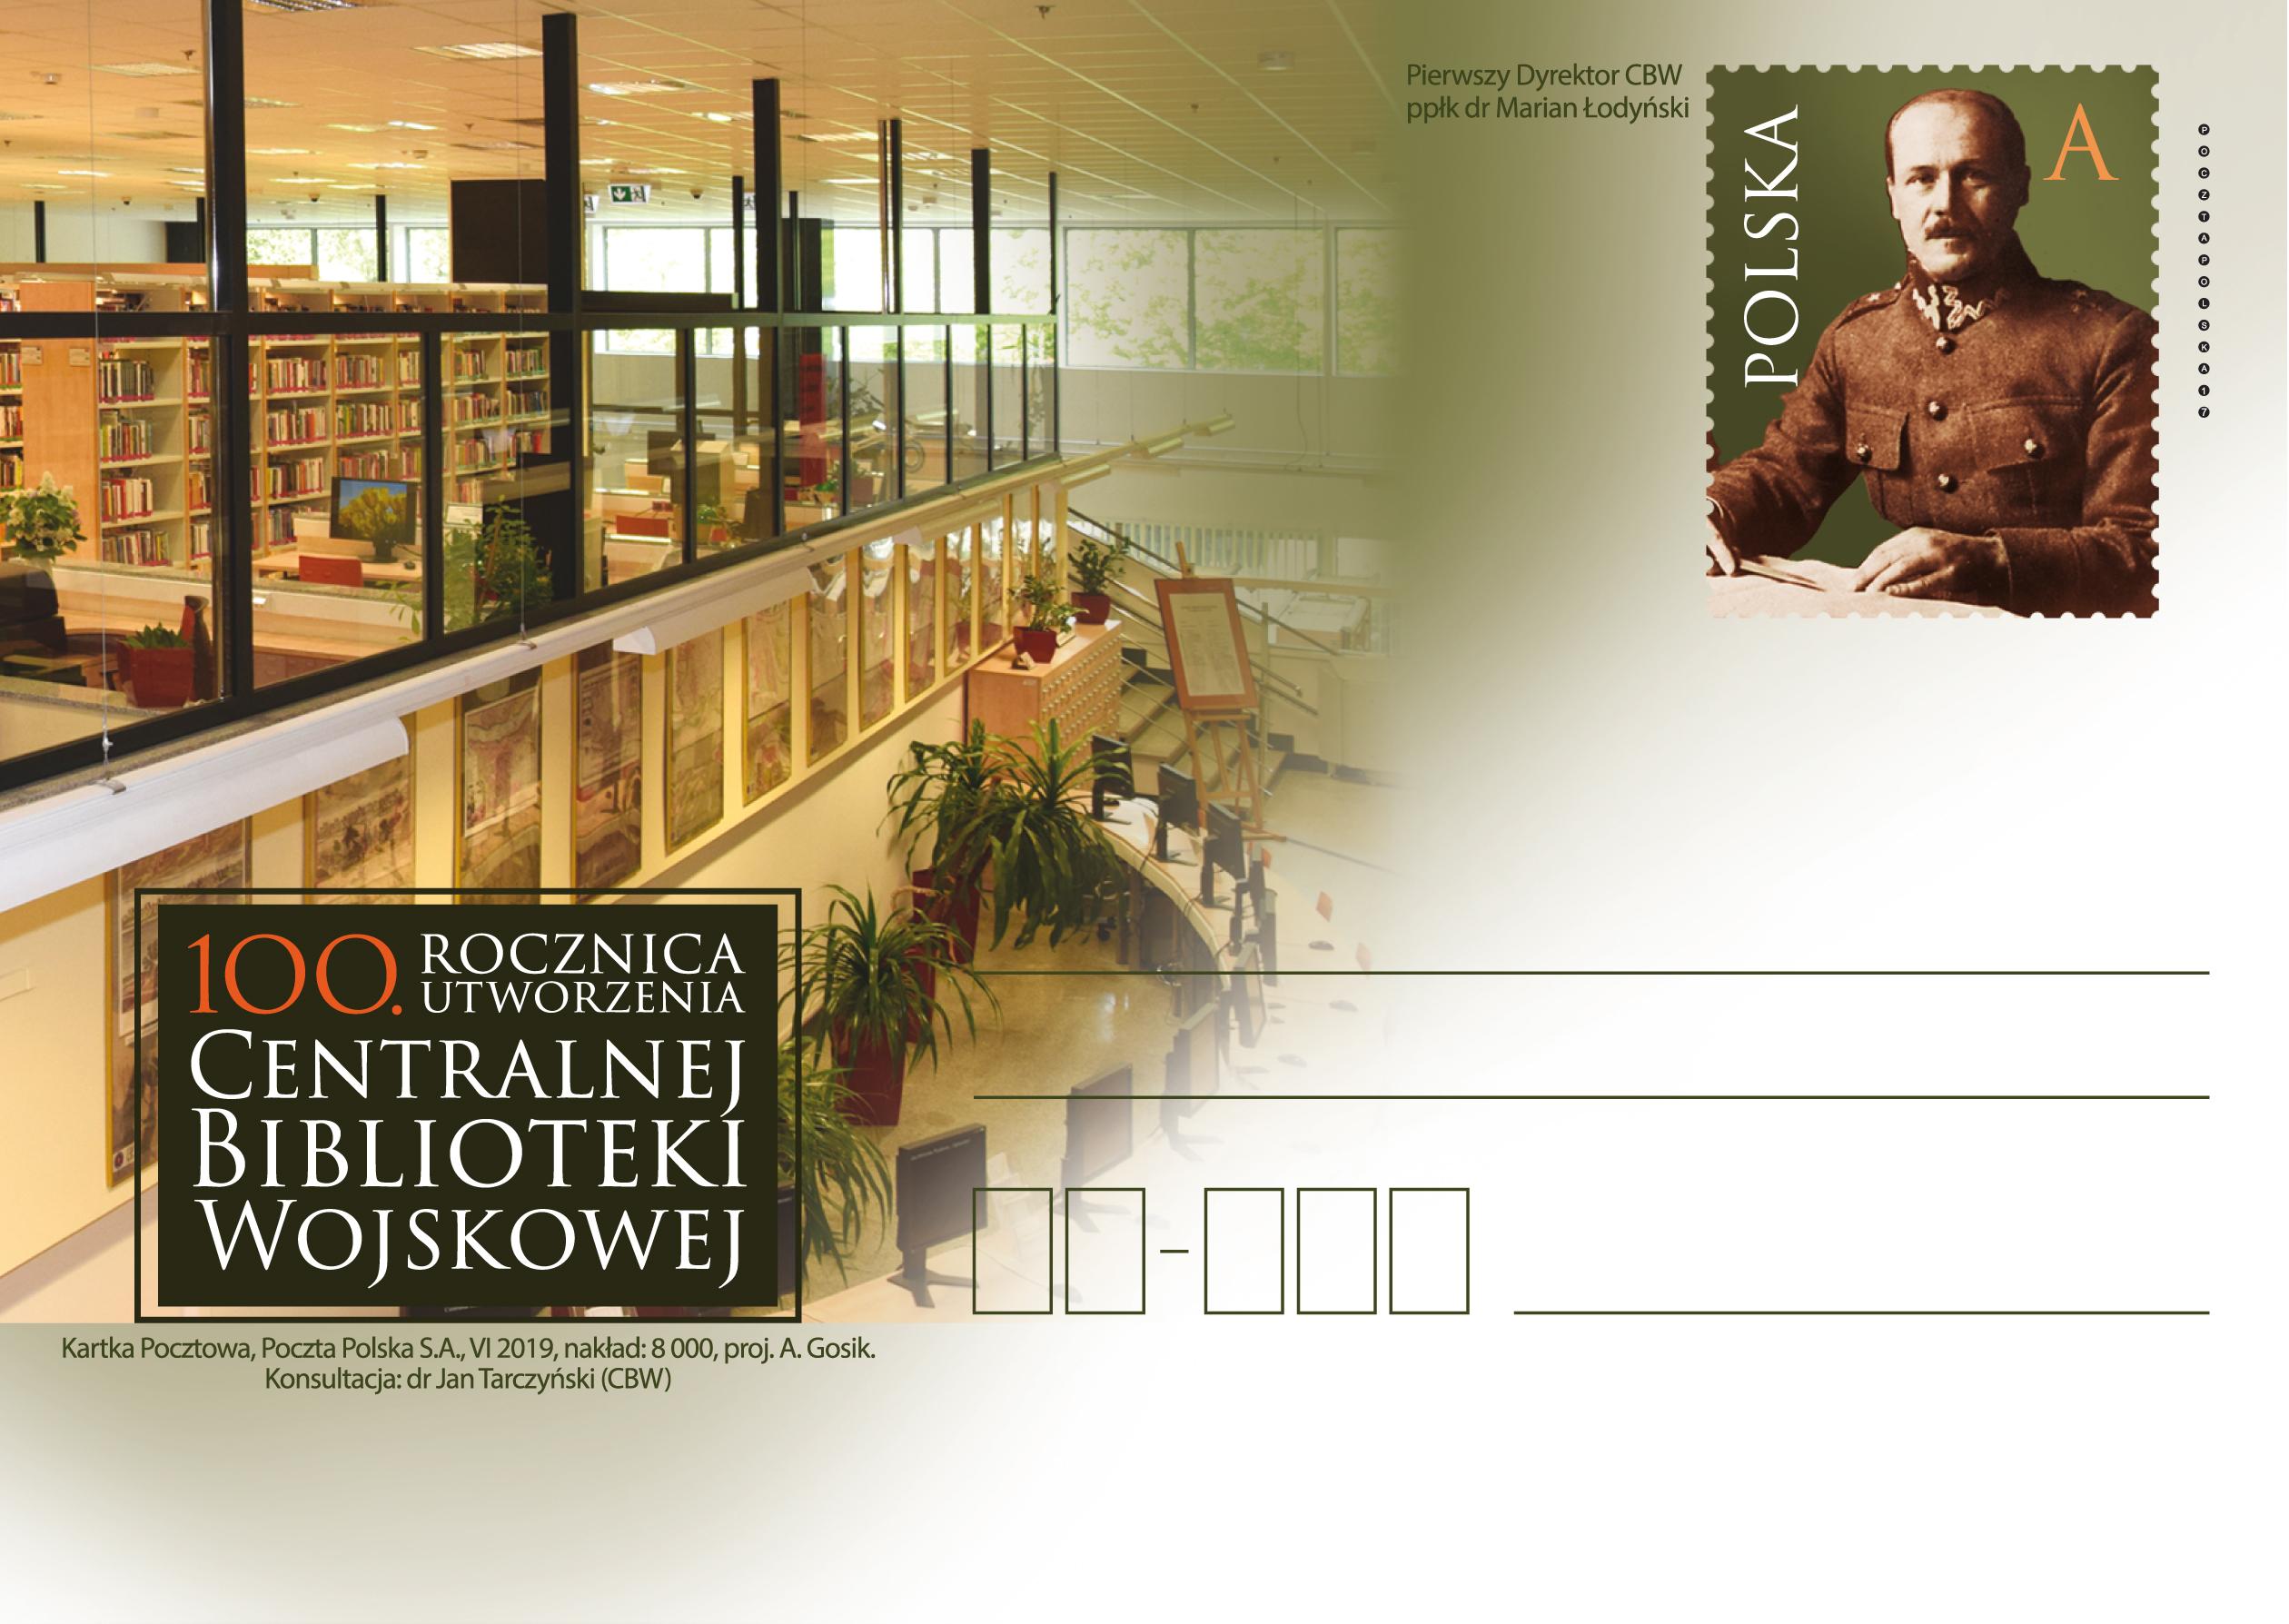 波兰6月13日发行中央军事图书馆成立100周年邮资片